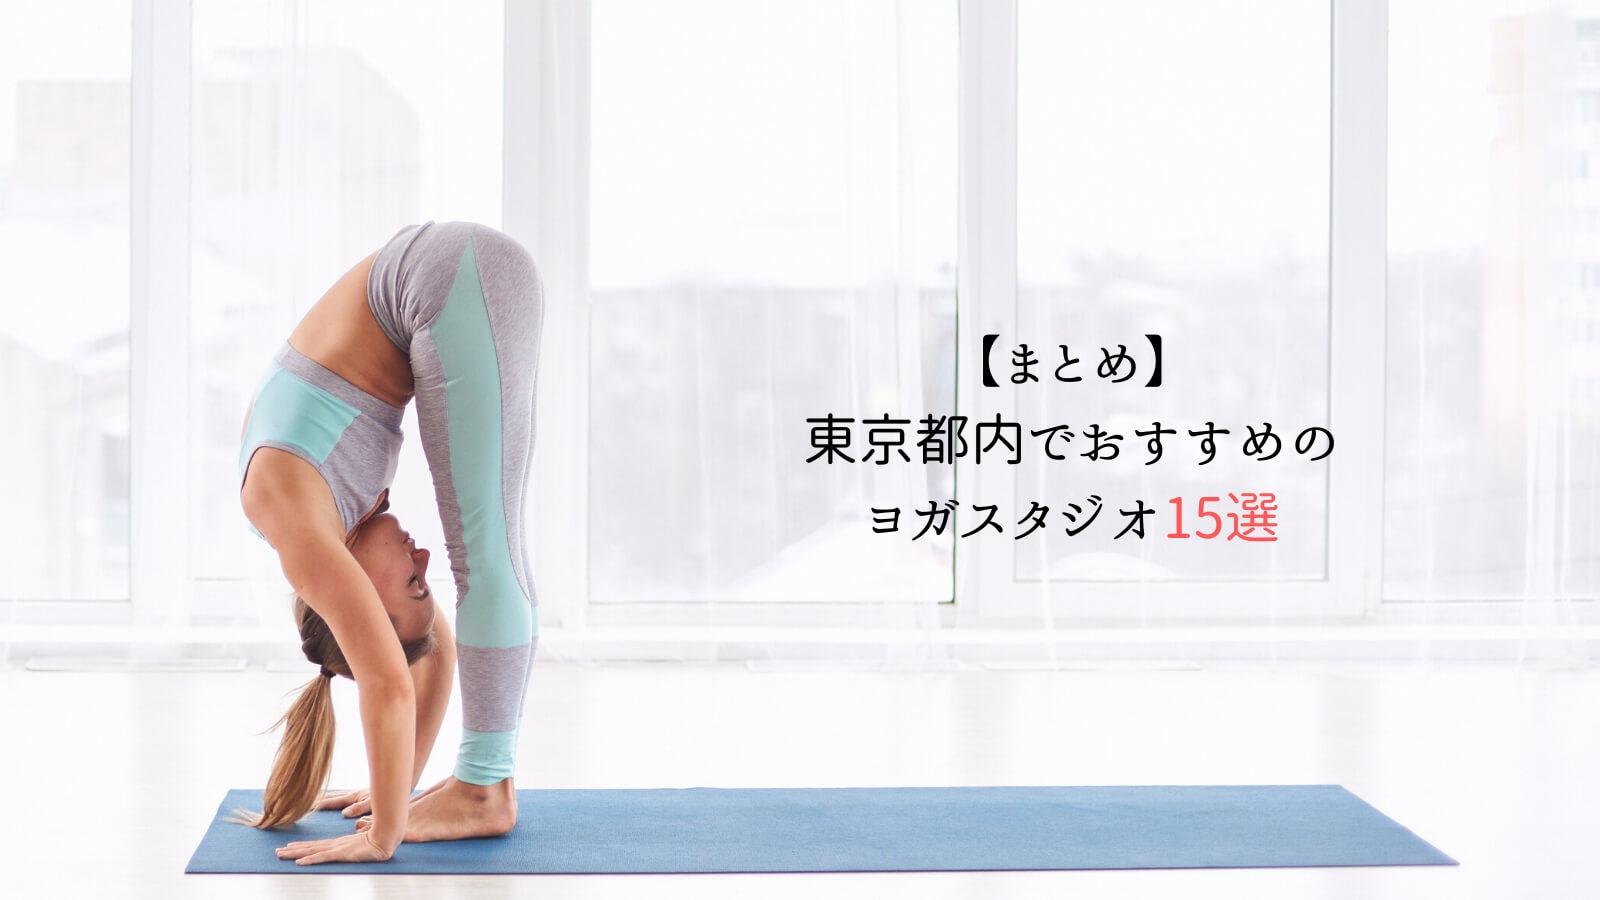 【まとめ】東京都内でおすすめの人気ヨガスタジオランキング15選!スタジオ選びのポイントも紹介!